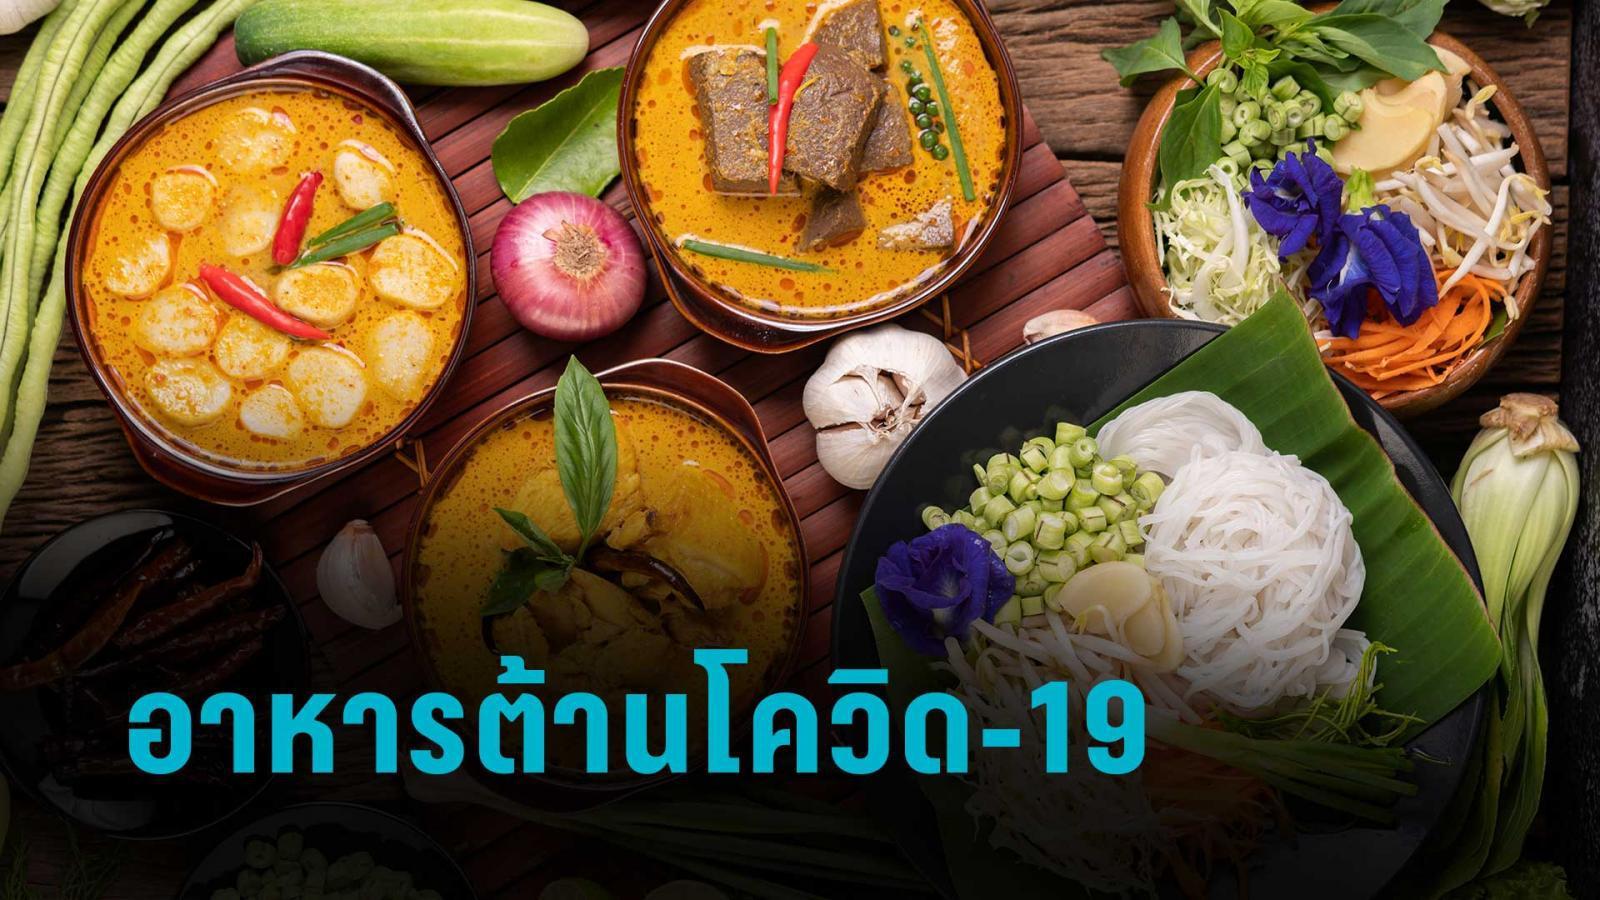 อาหารป้องกันโควิด-19